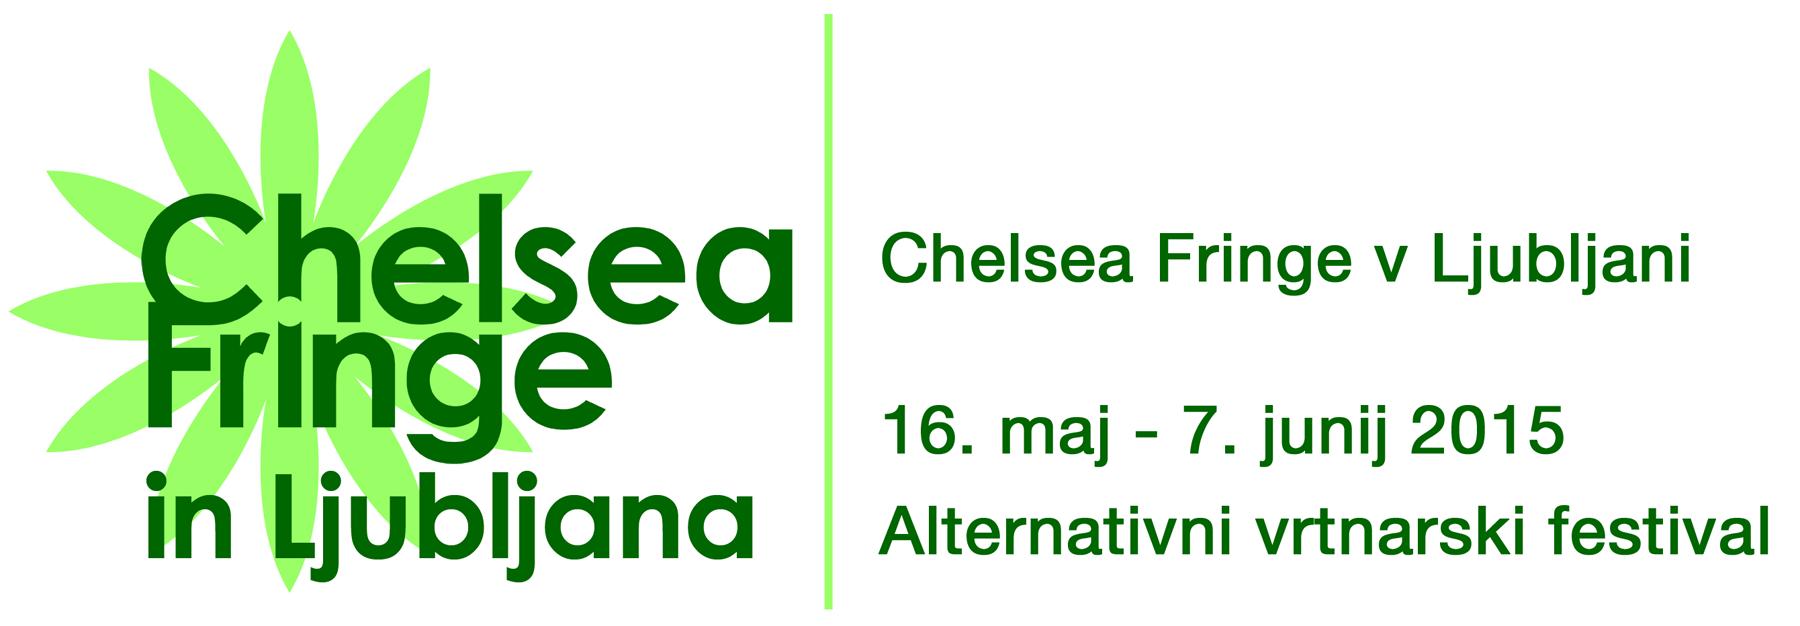 Chelsea Fringe Ljubljana